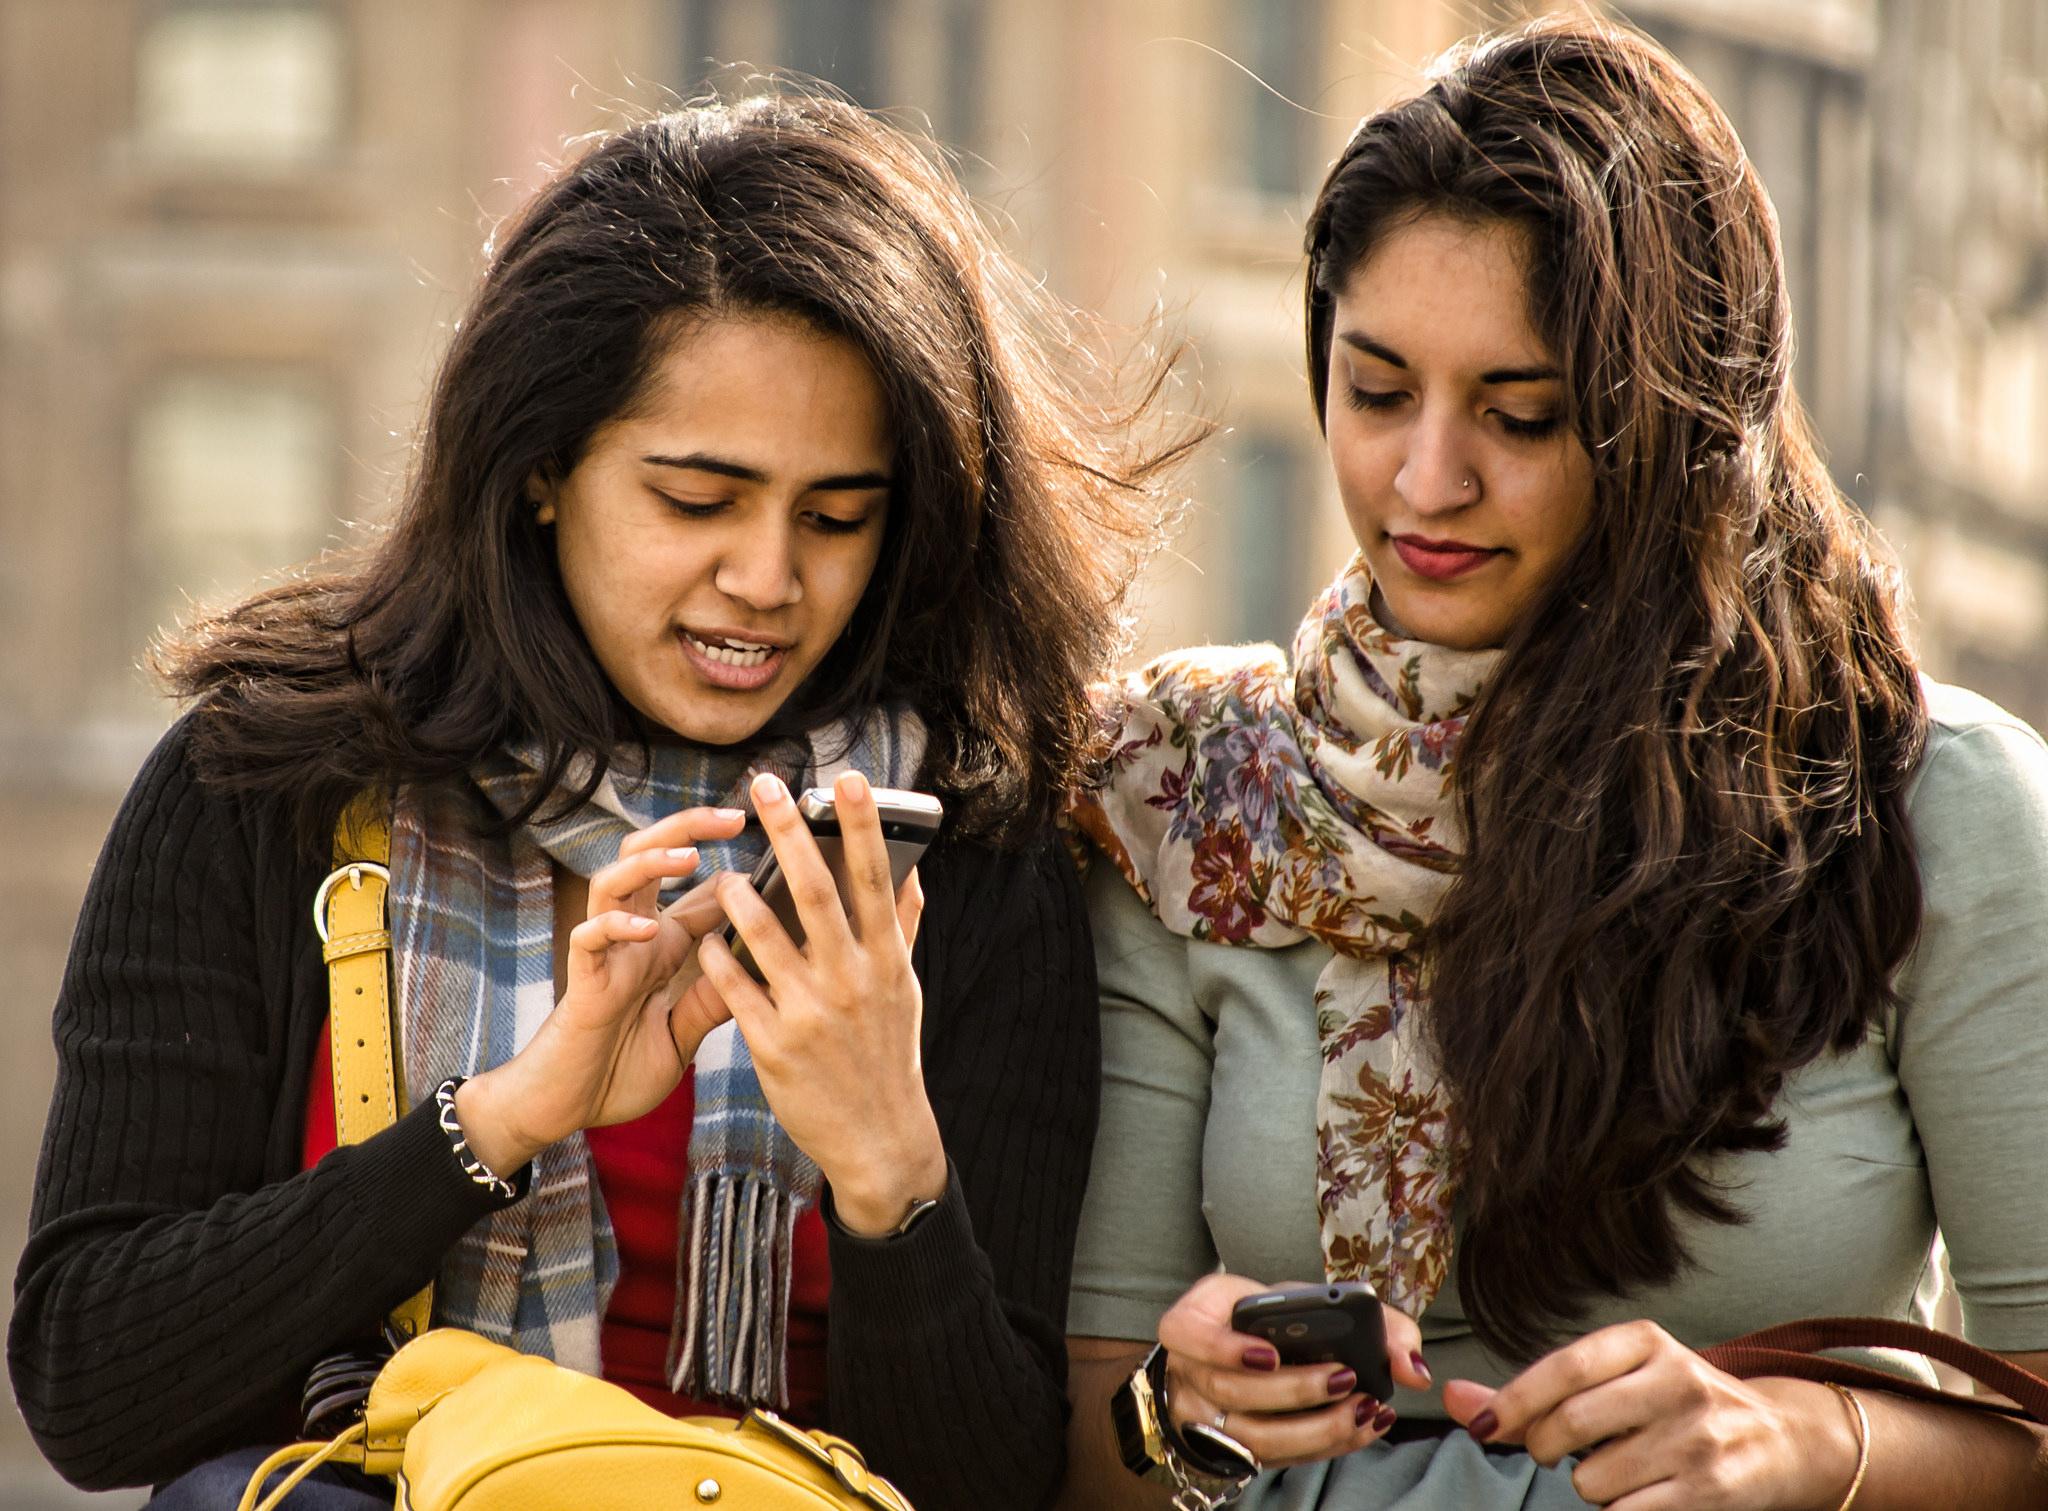 roaming, poplatky, jednotný digitálny trh